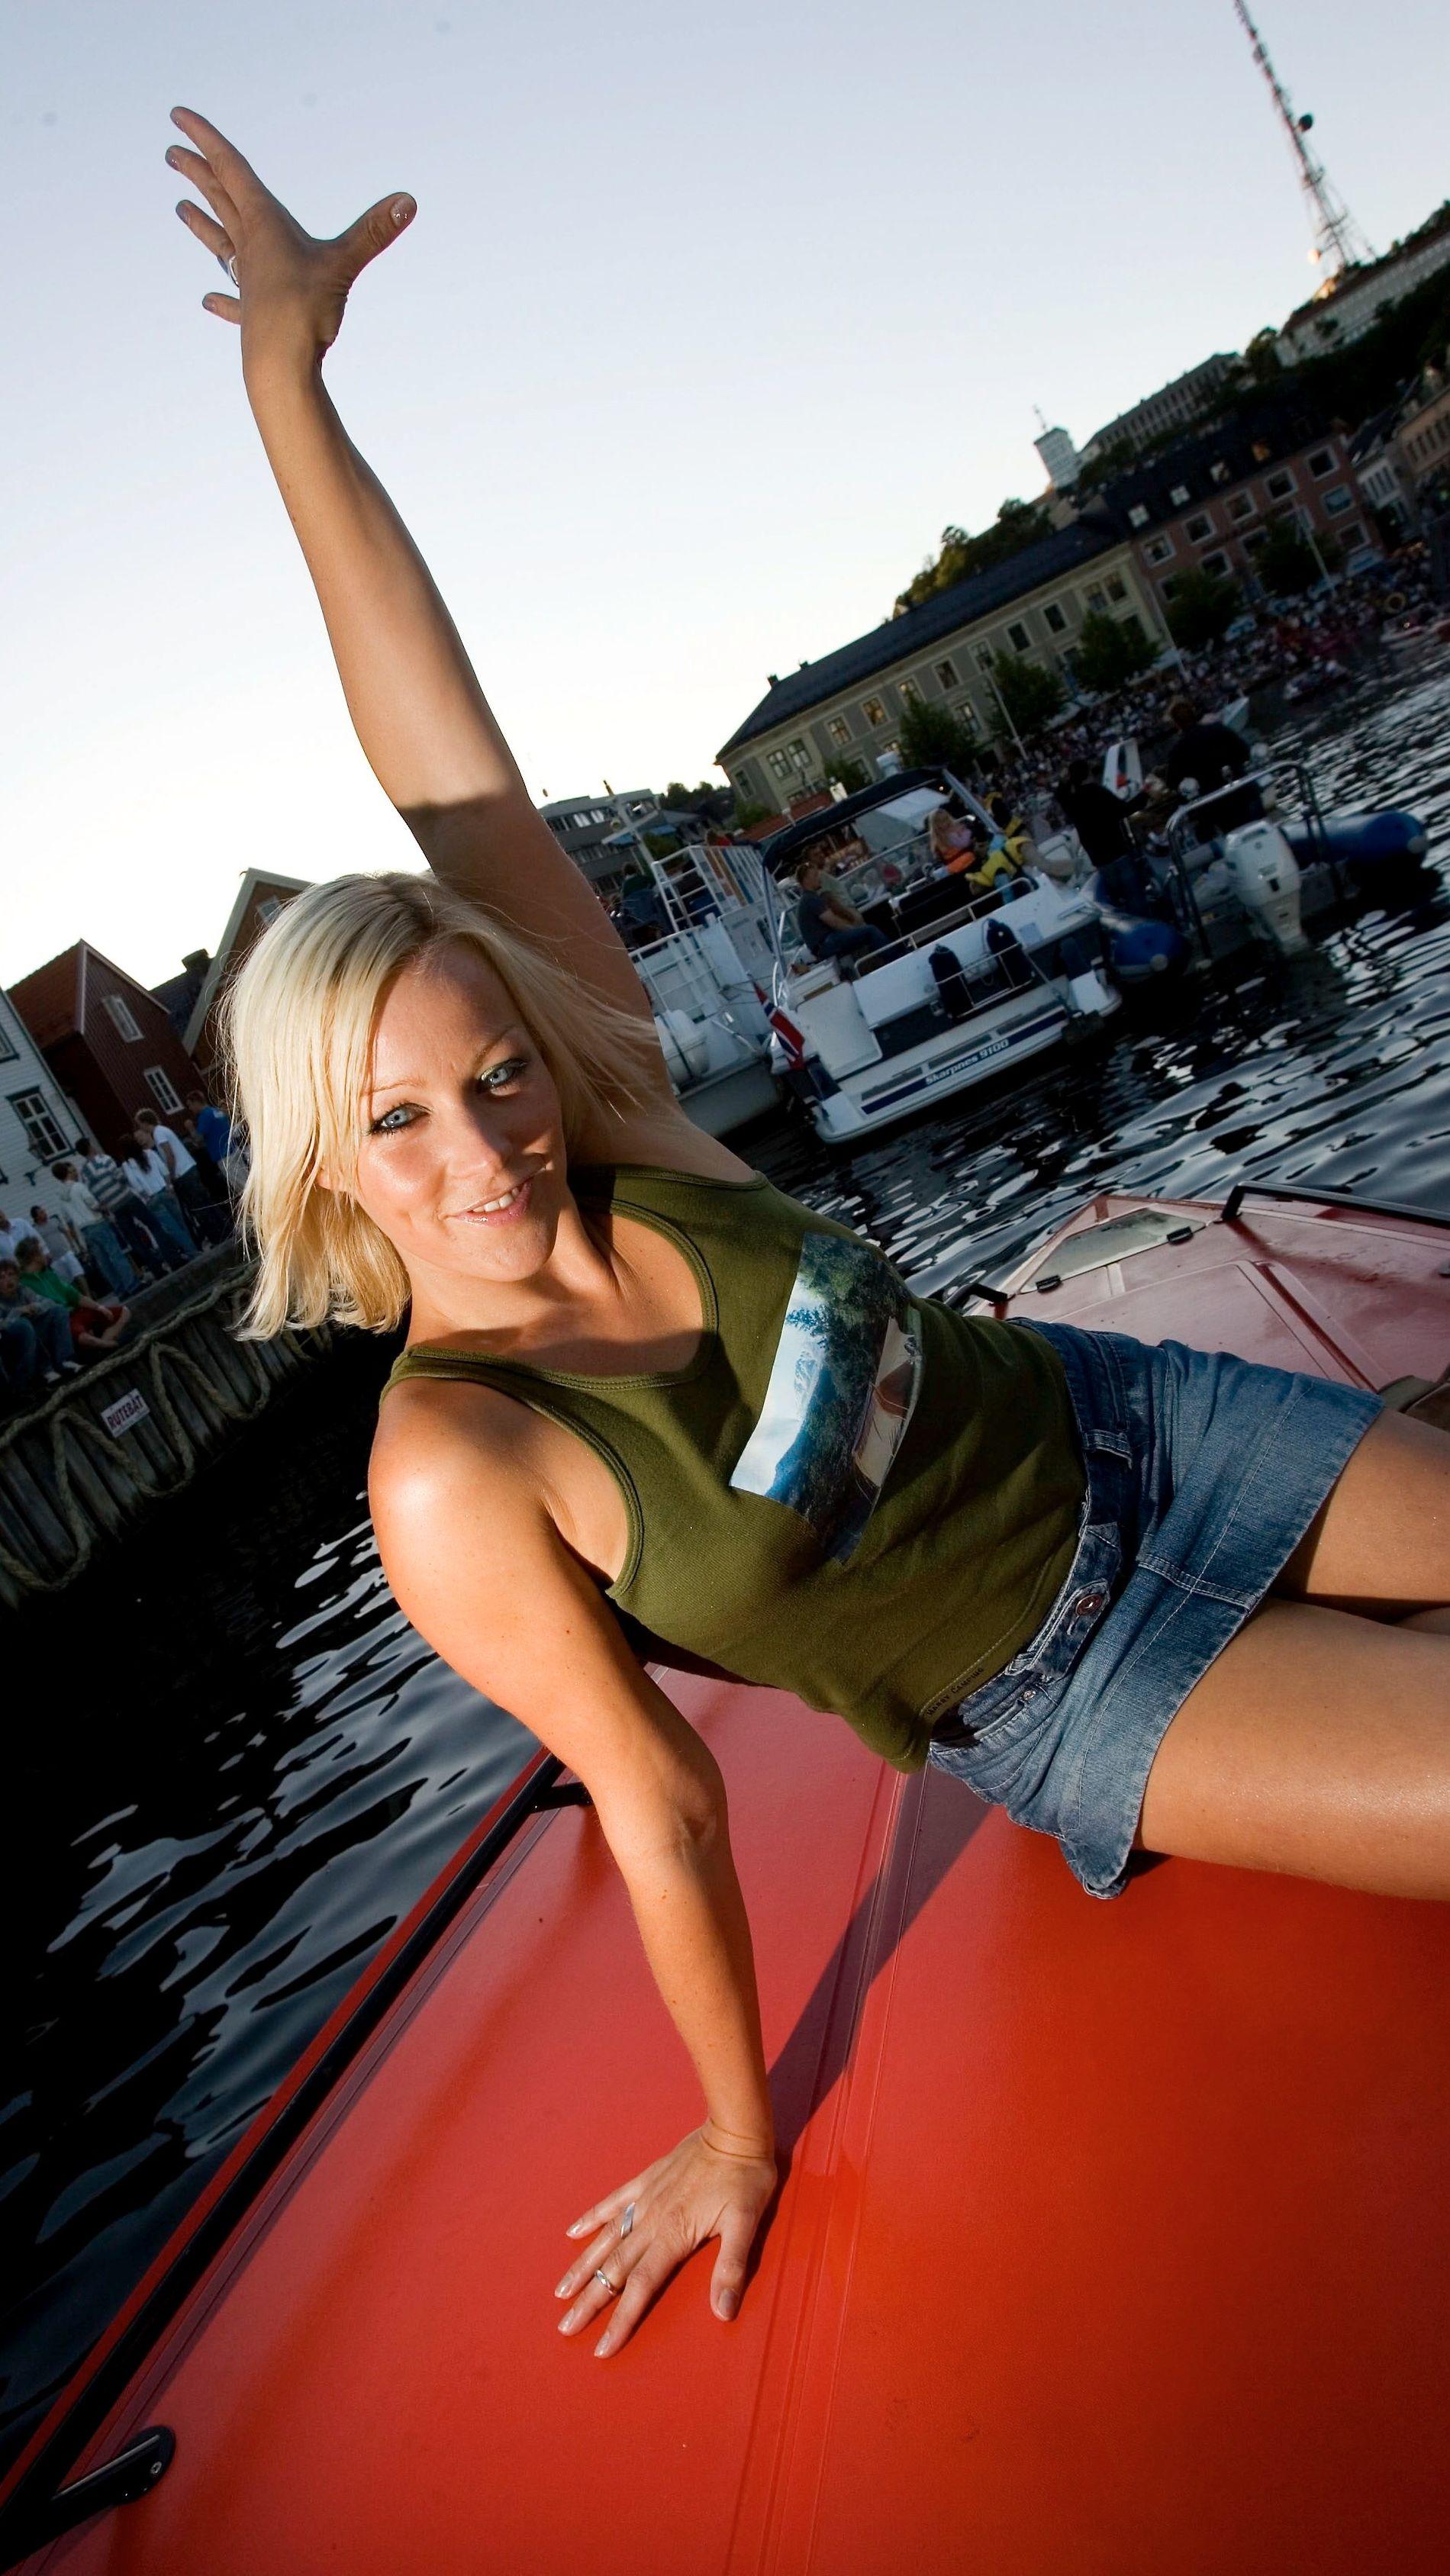 TI ÅR SIDEN: Hanne Sørvaag i Arendal I 2006, da låtene hennes hadde begynt å herje på utenlandske hitlister. Men det var en tøff tilværelse.